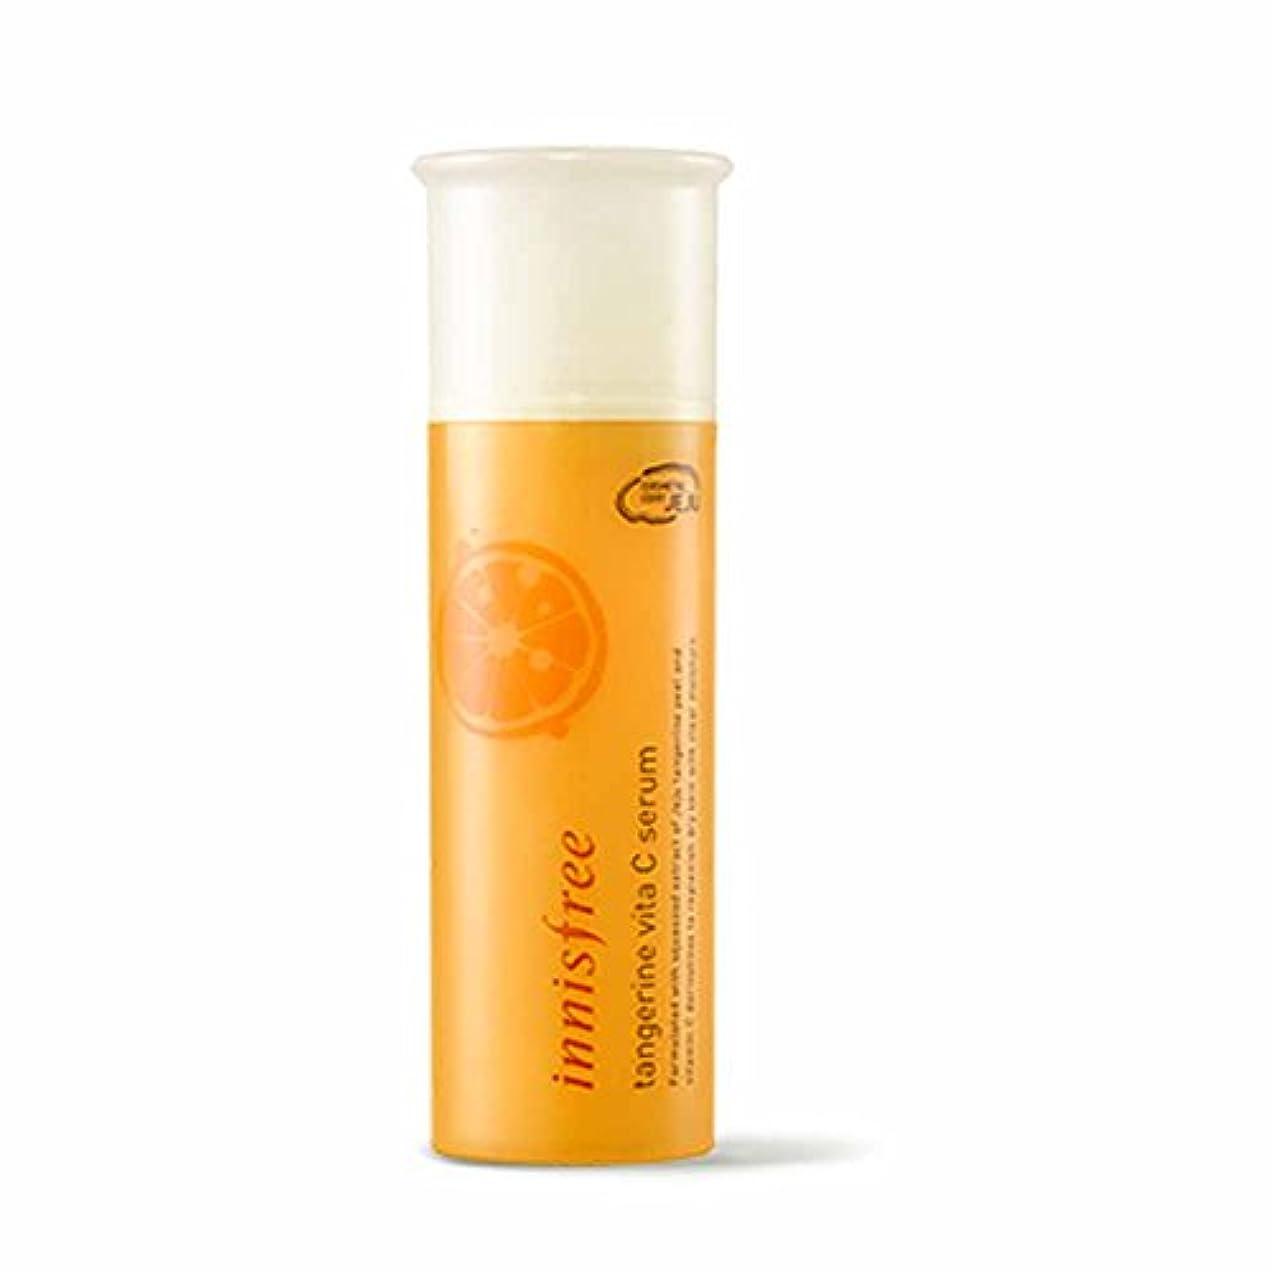 半島熱意かわすイニスフリータンジェリンビタCセラム50ml Innisfree Tangerine Vita C Serum 50ml [海外直送品][並行輸入品]